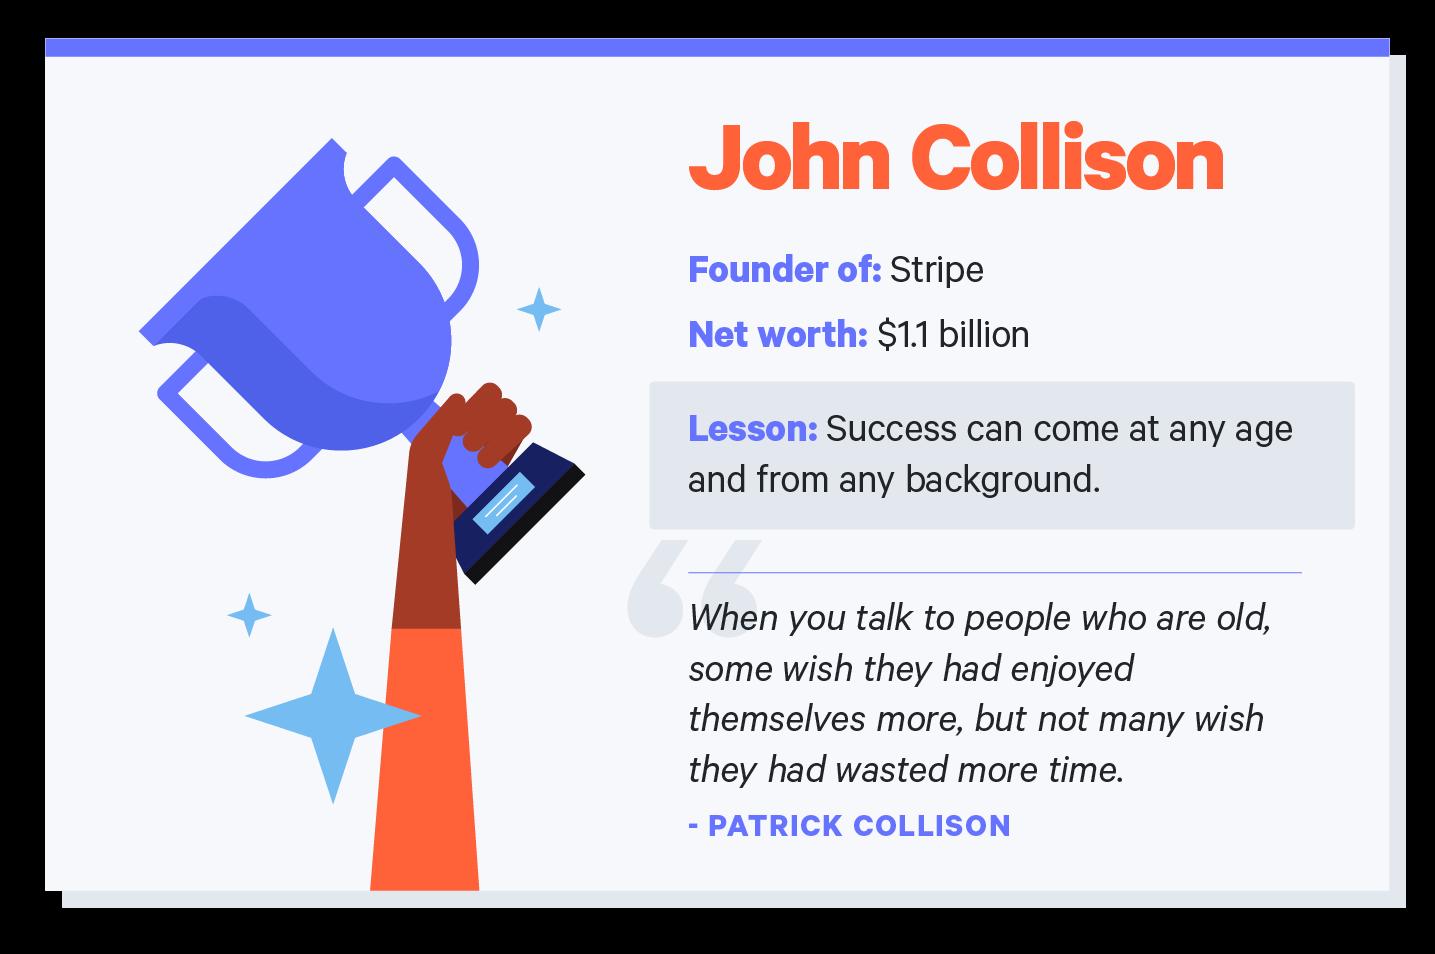 john collison quote